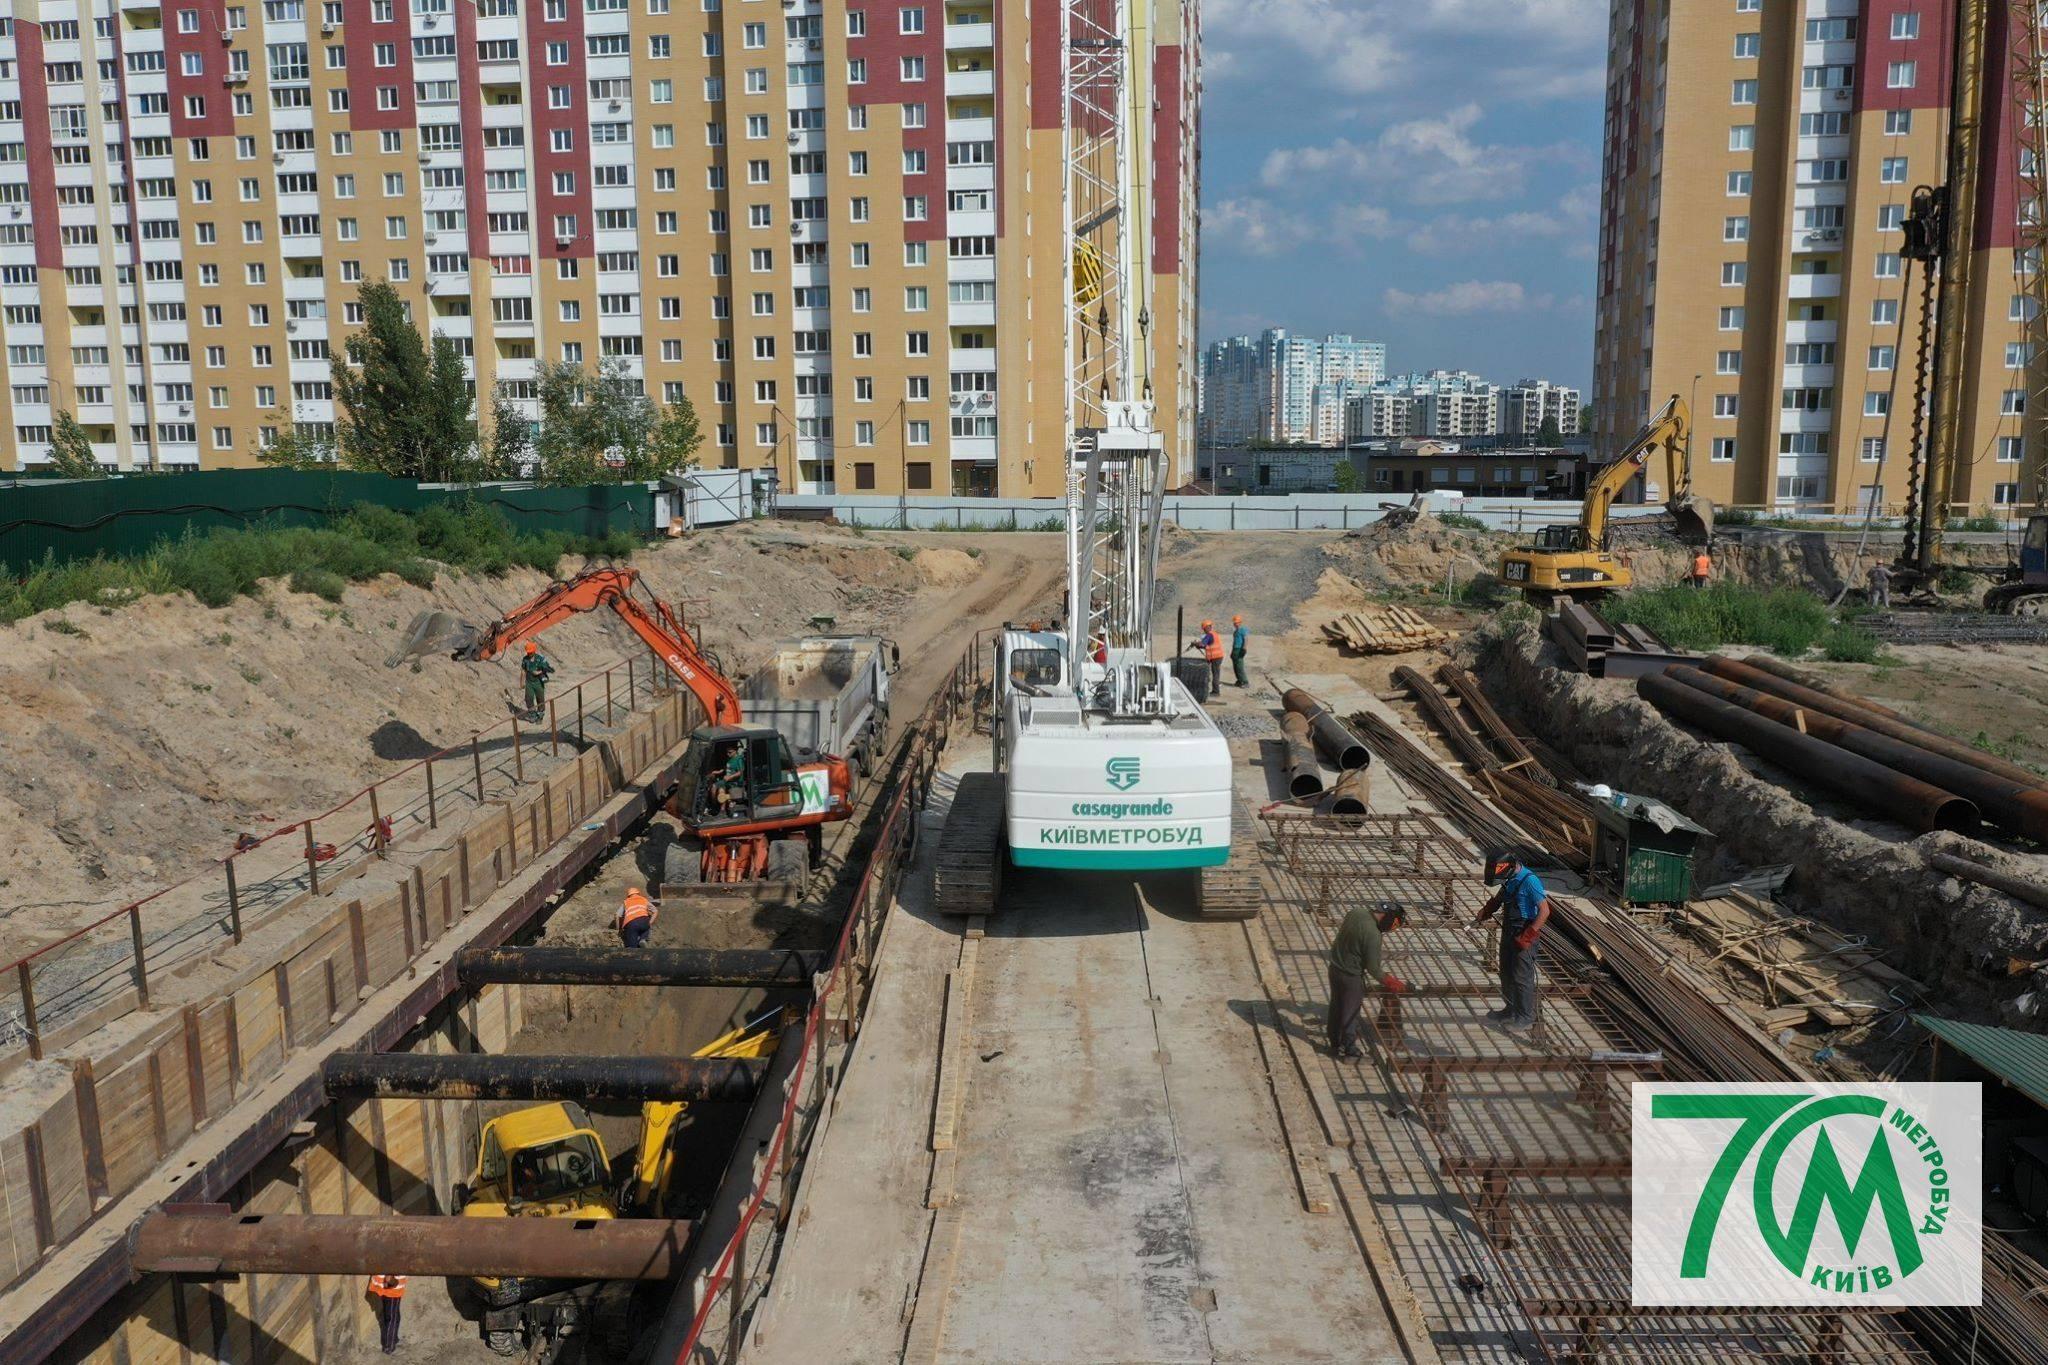 Из-за воровства в Киеве на два года переносят дату открытия 2 новых станций метро